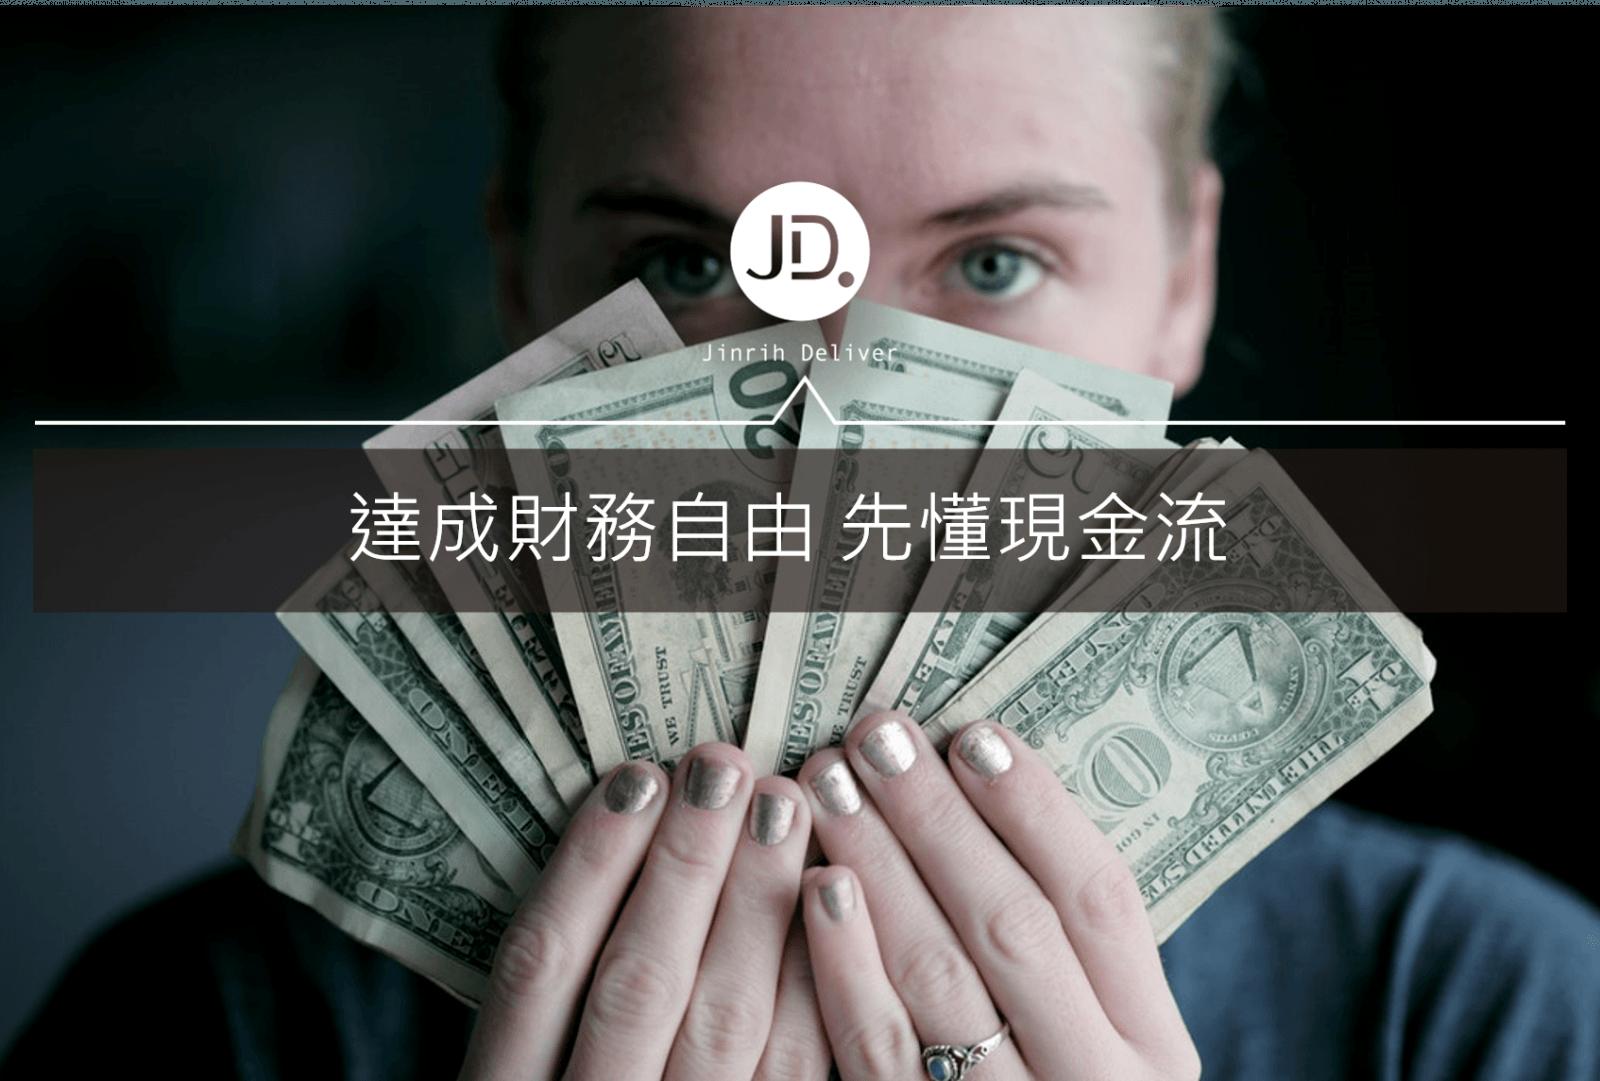 省吃儉用,錢卻越存越少?達成財務自由 不可不知的現金流概念